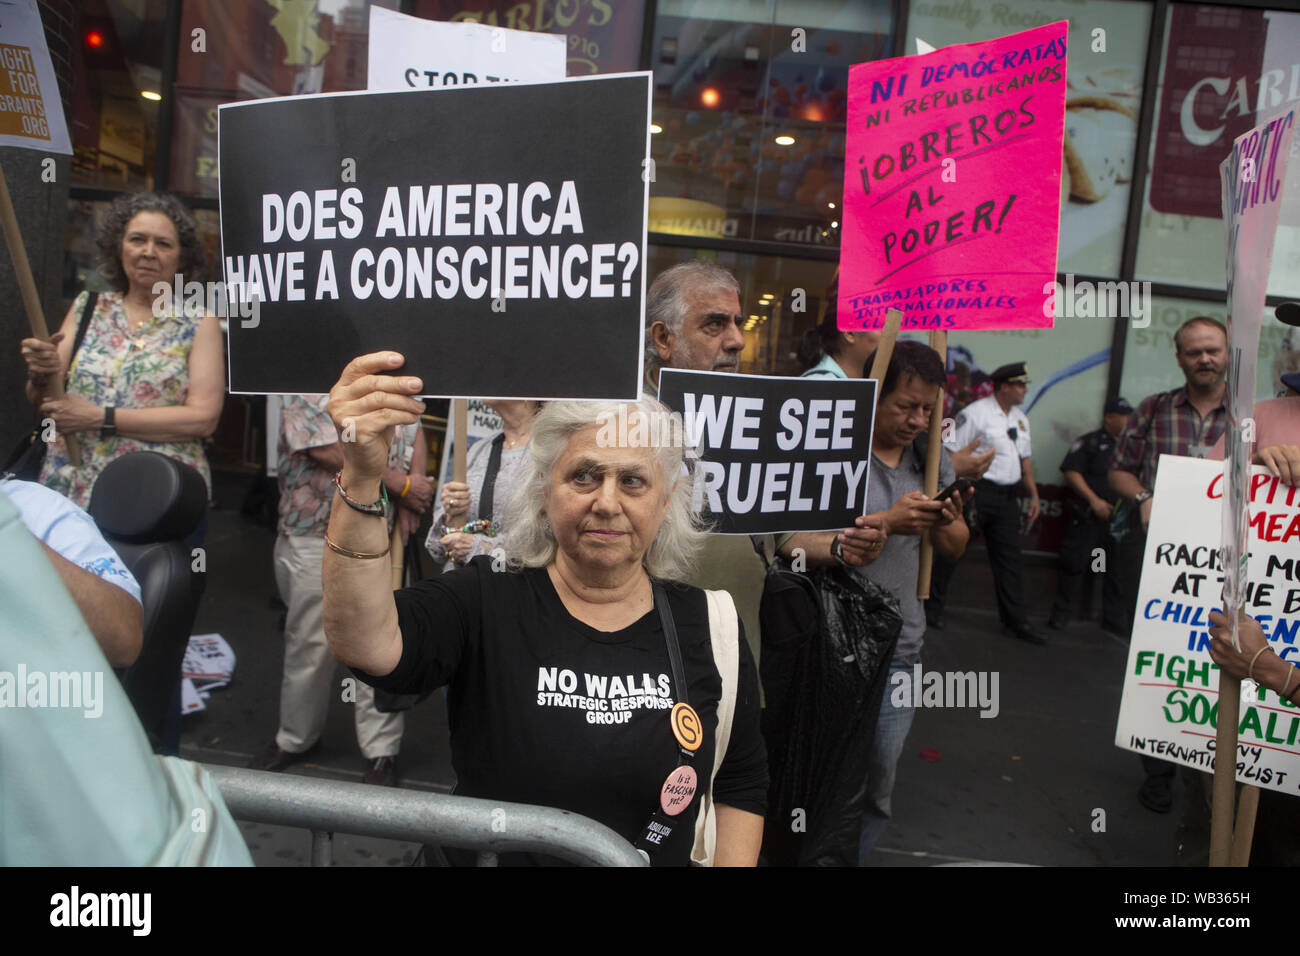 23 août 2019: une femme apparaît au cours d'une manifestation protestant contre Greyhound Corporation et de la glace et de l'exécution des douanes (Immigration) au Port Authority Bus Terminal sur la 42e et la 8e Avenue à New York, New York. Environ 100 militants d'une coalition de groupes, y compris les incendies (lutte pour les réfugiés immigrants partout) a protesté contre la glace permettant d'agents Greyhound board leur bus 'Searching'' pour les migrants, ont dit. Crédit: Brian Branch:/ZUMA/Alamy Fil Live News Banque D'Images